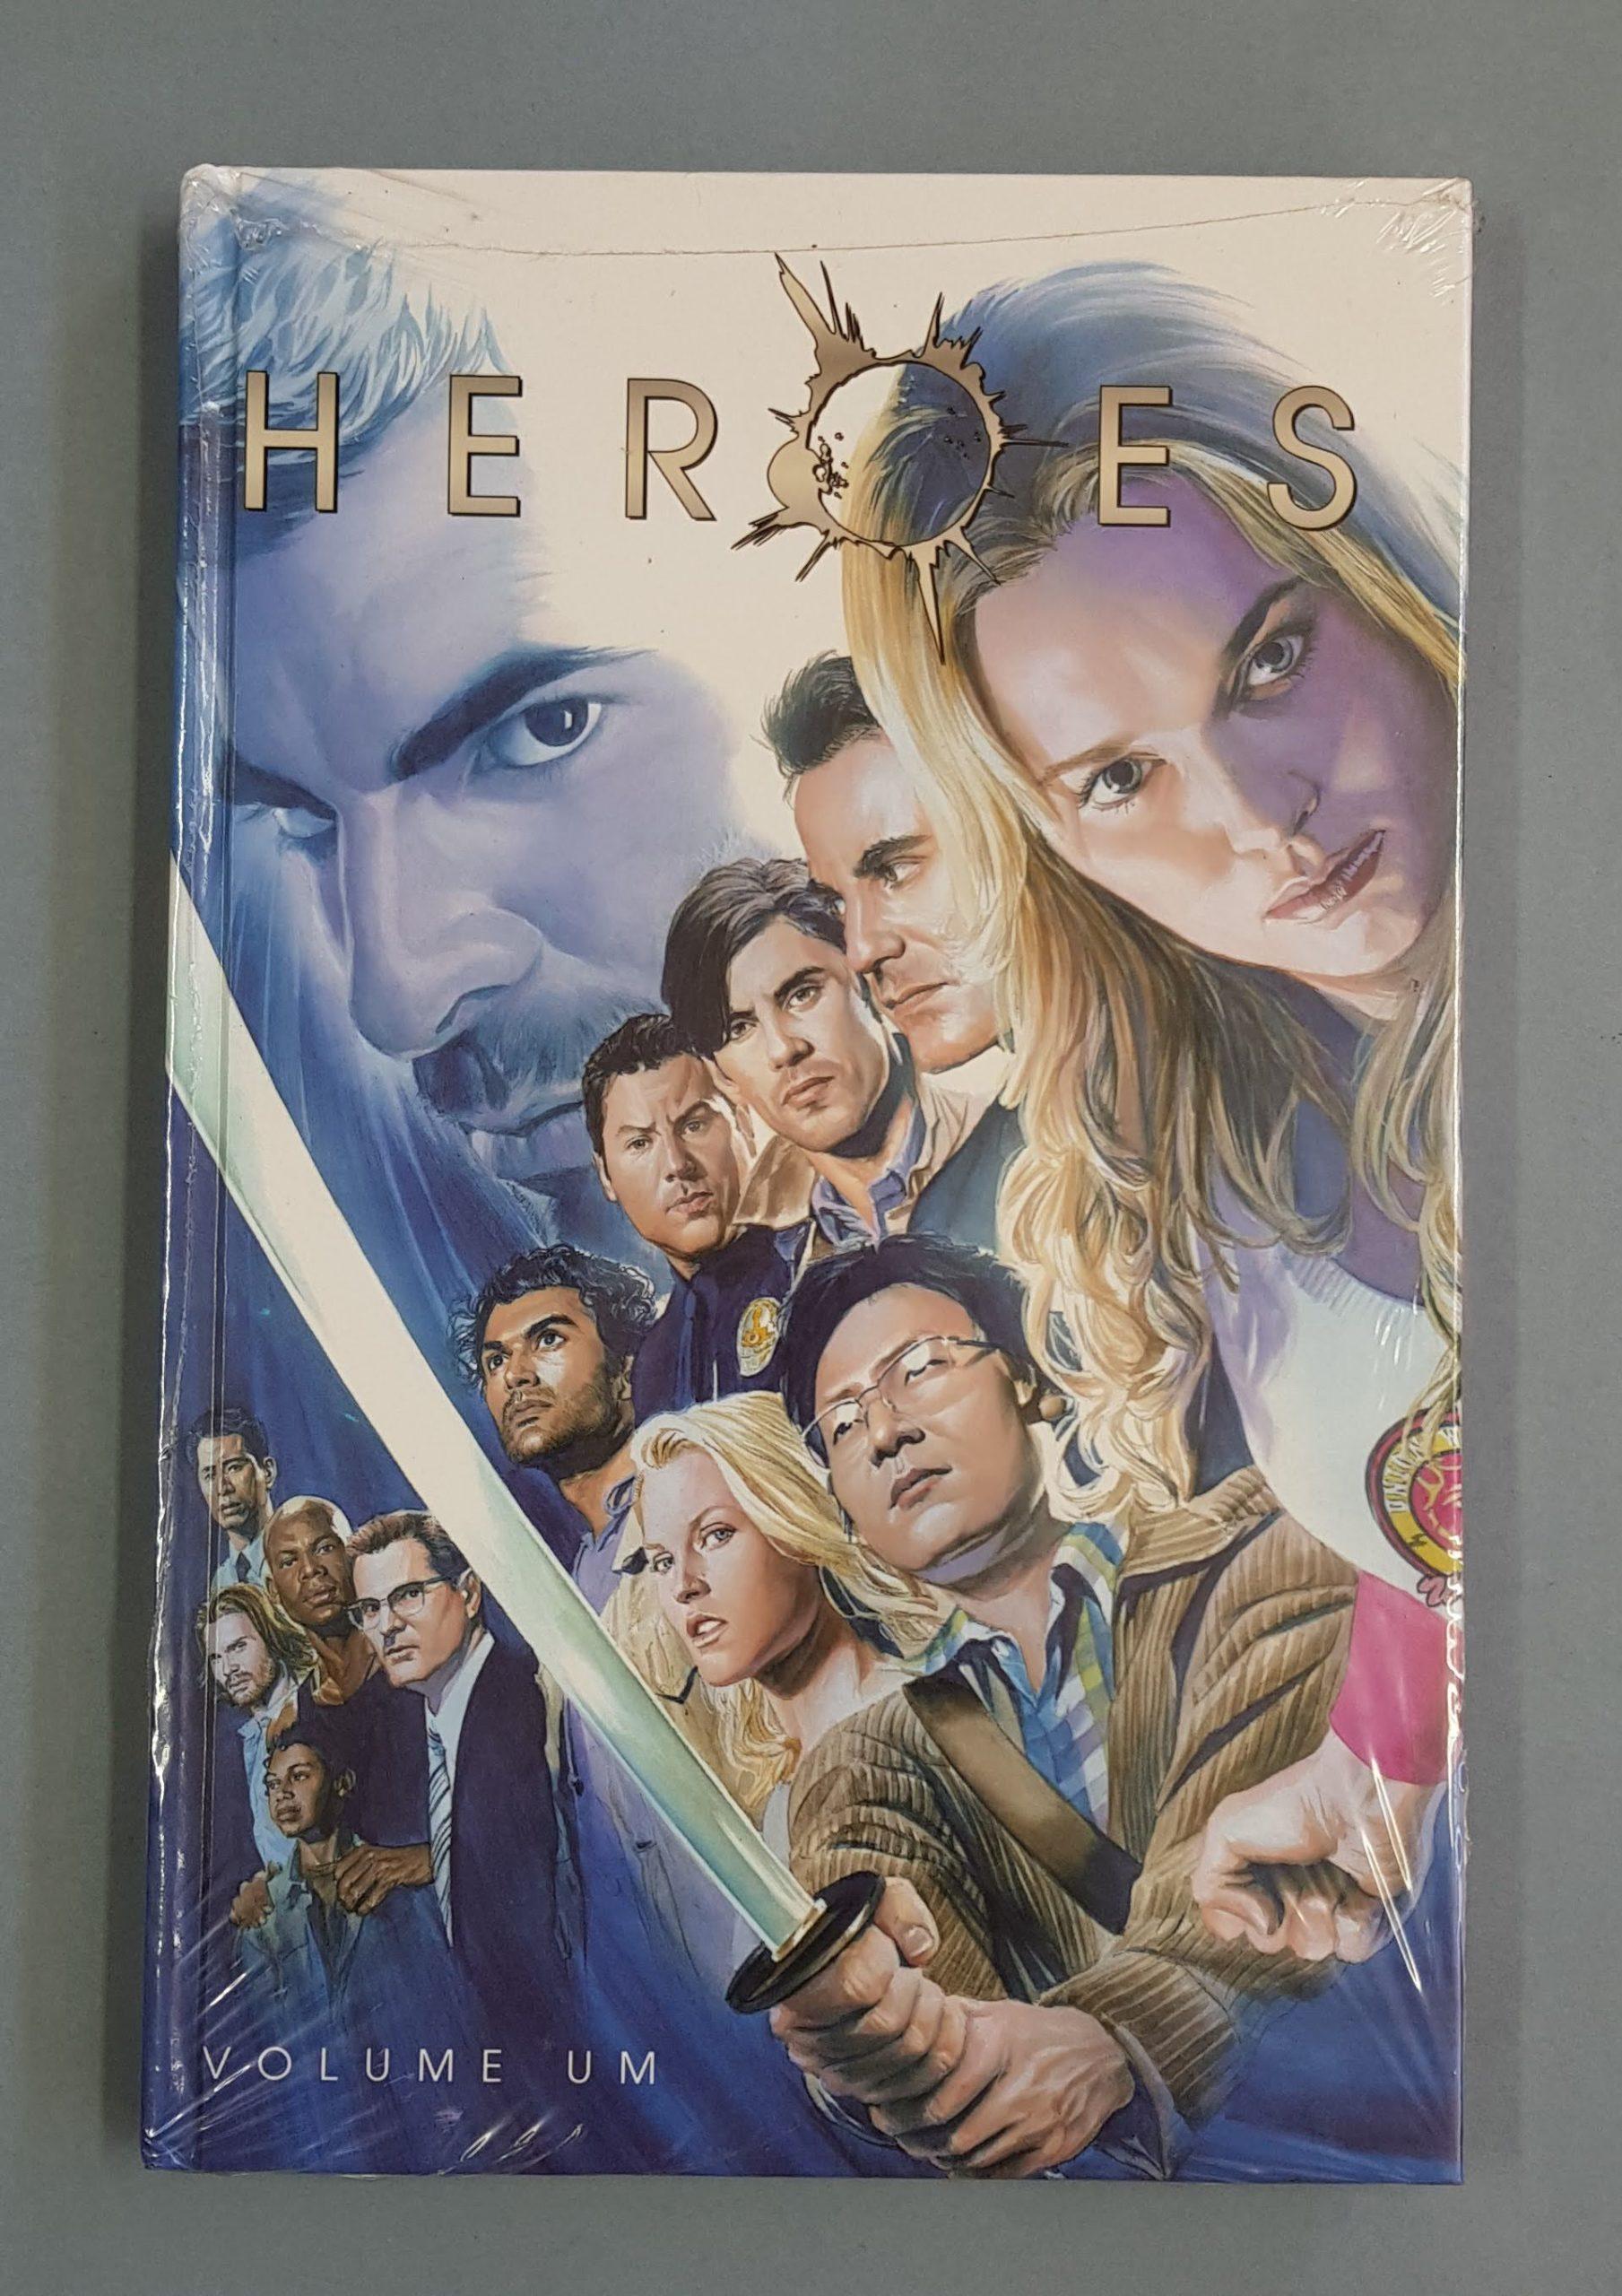 HEROES VOL 1 HC